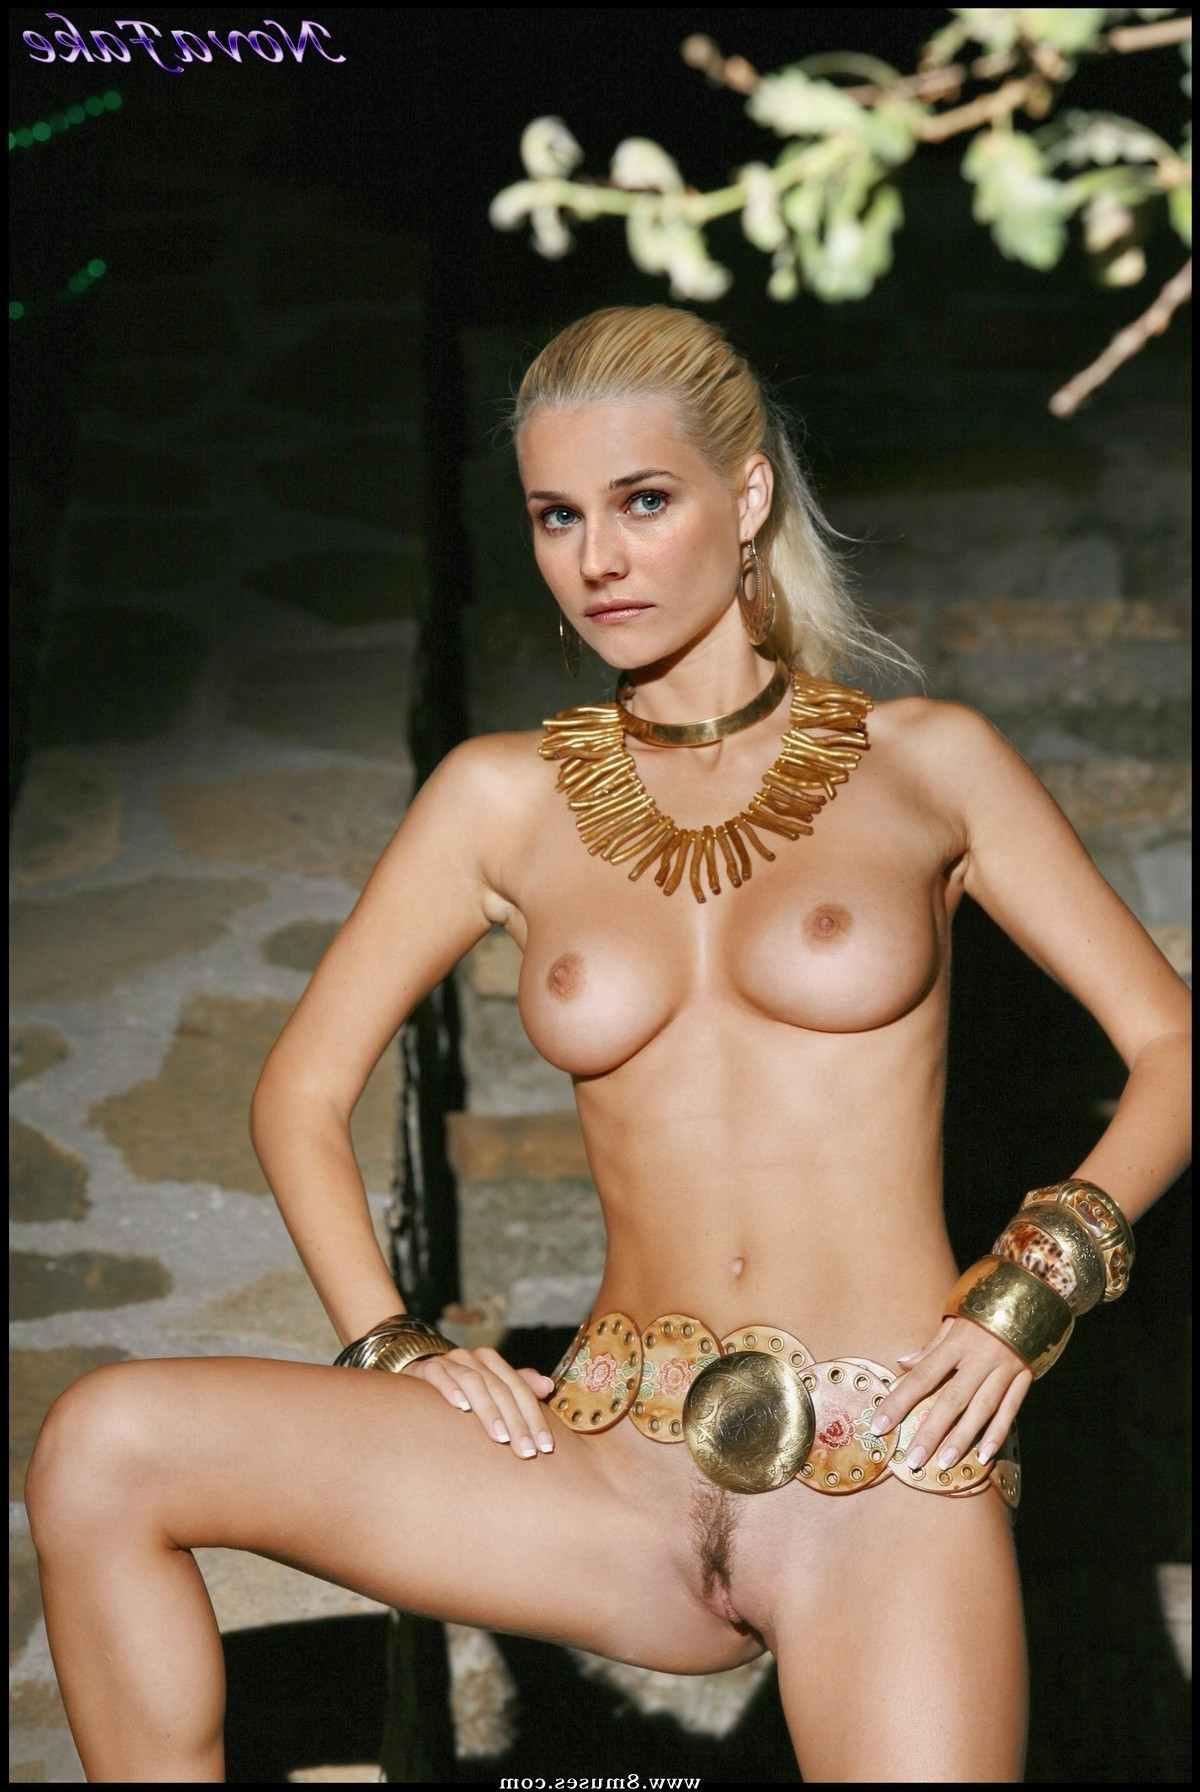 Fake-Celebrities-Sex-Pictures/Diane-Kruger Diane_Kruger__8muses_-_Sex_and_Porn_Comics_2.jpg